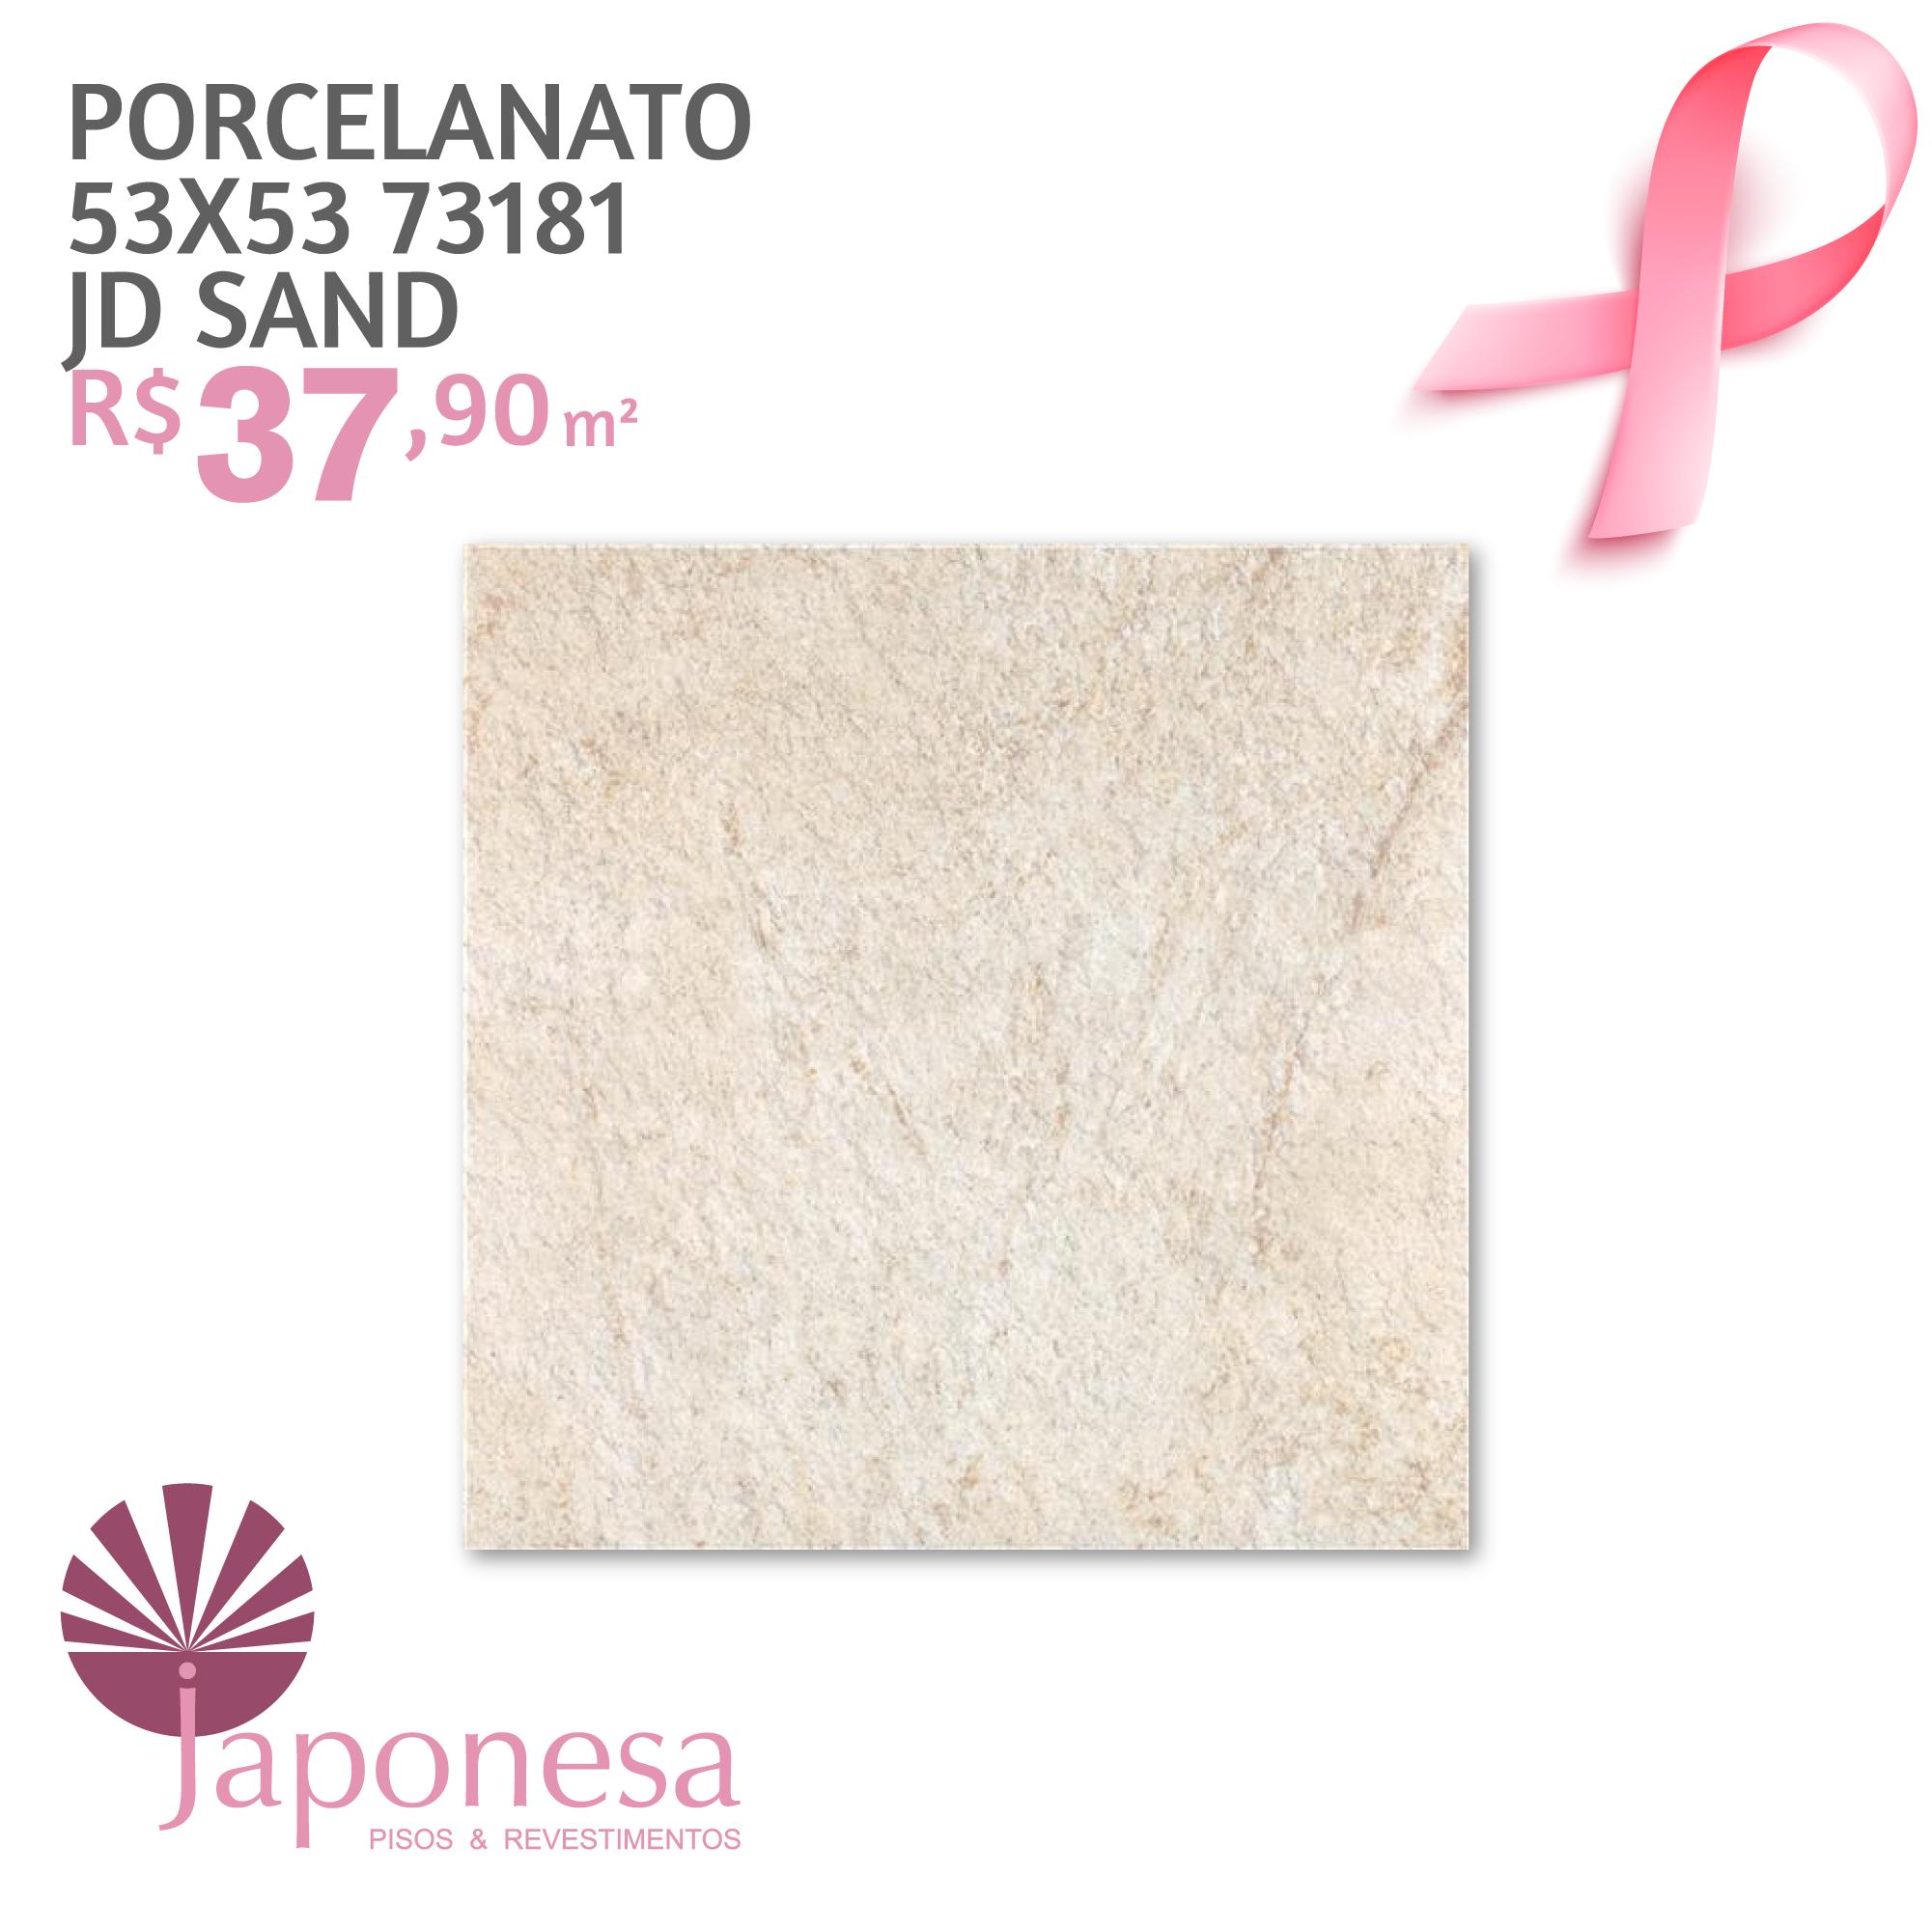 Porcelanato 53×53 73181 JD SAND